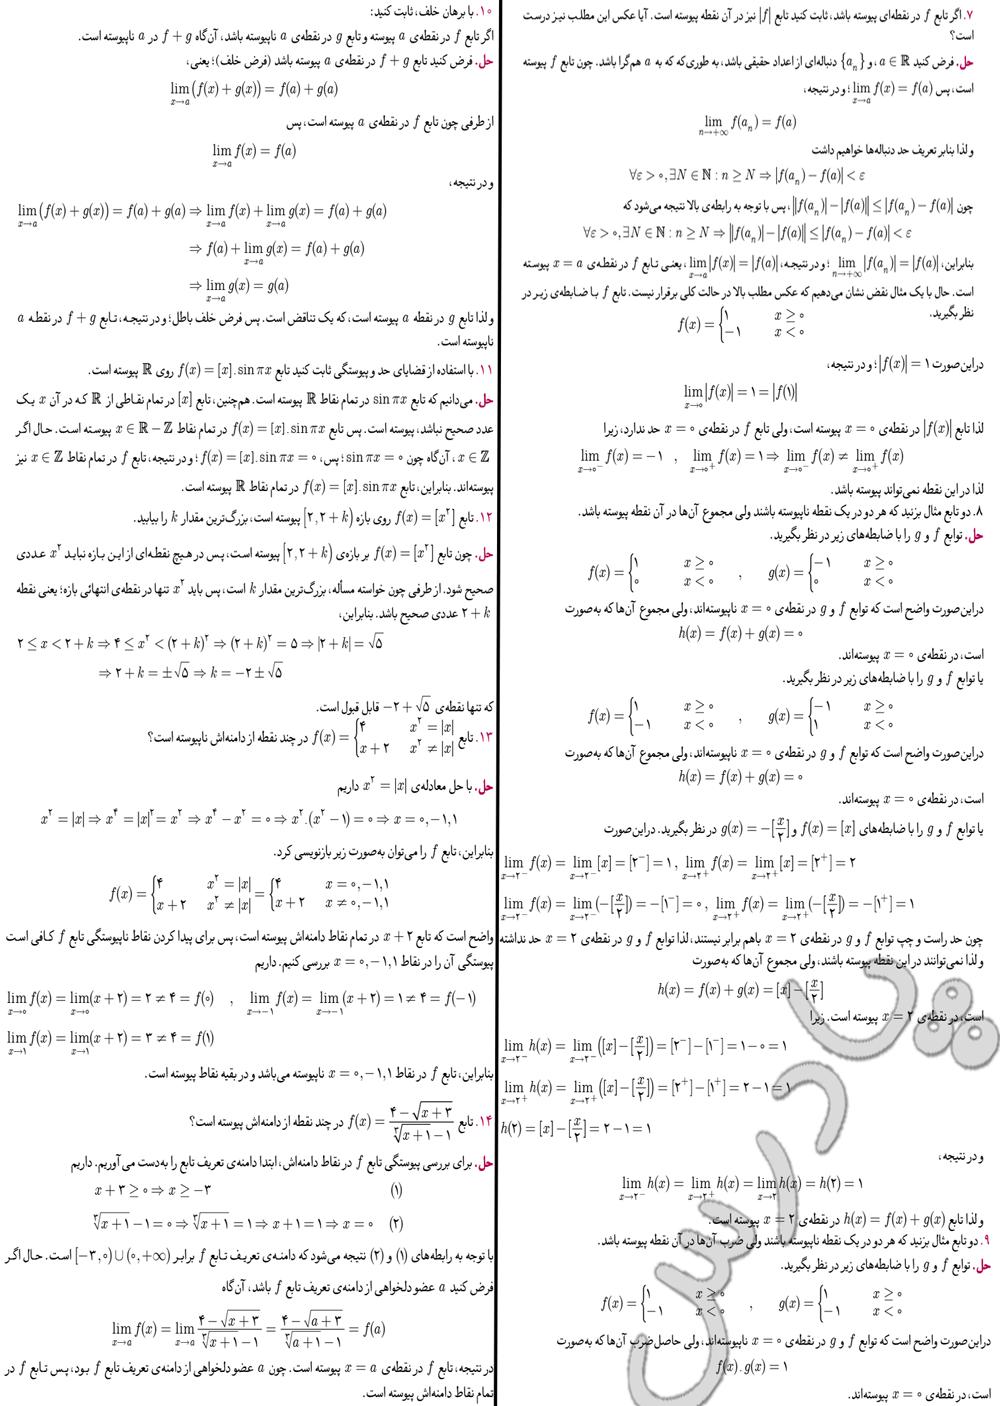 حل مسائل 7تا14 صفحه 99 فصل 2 دیفرانسیل پیش دانشگاهی